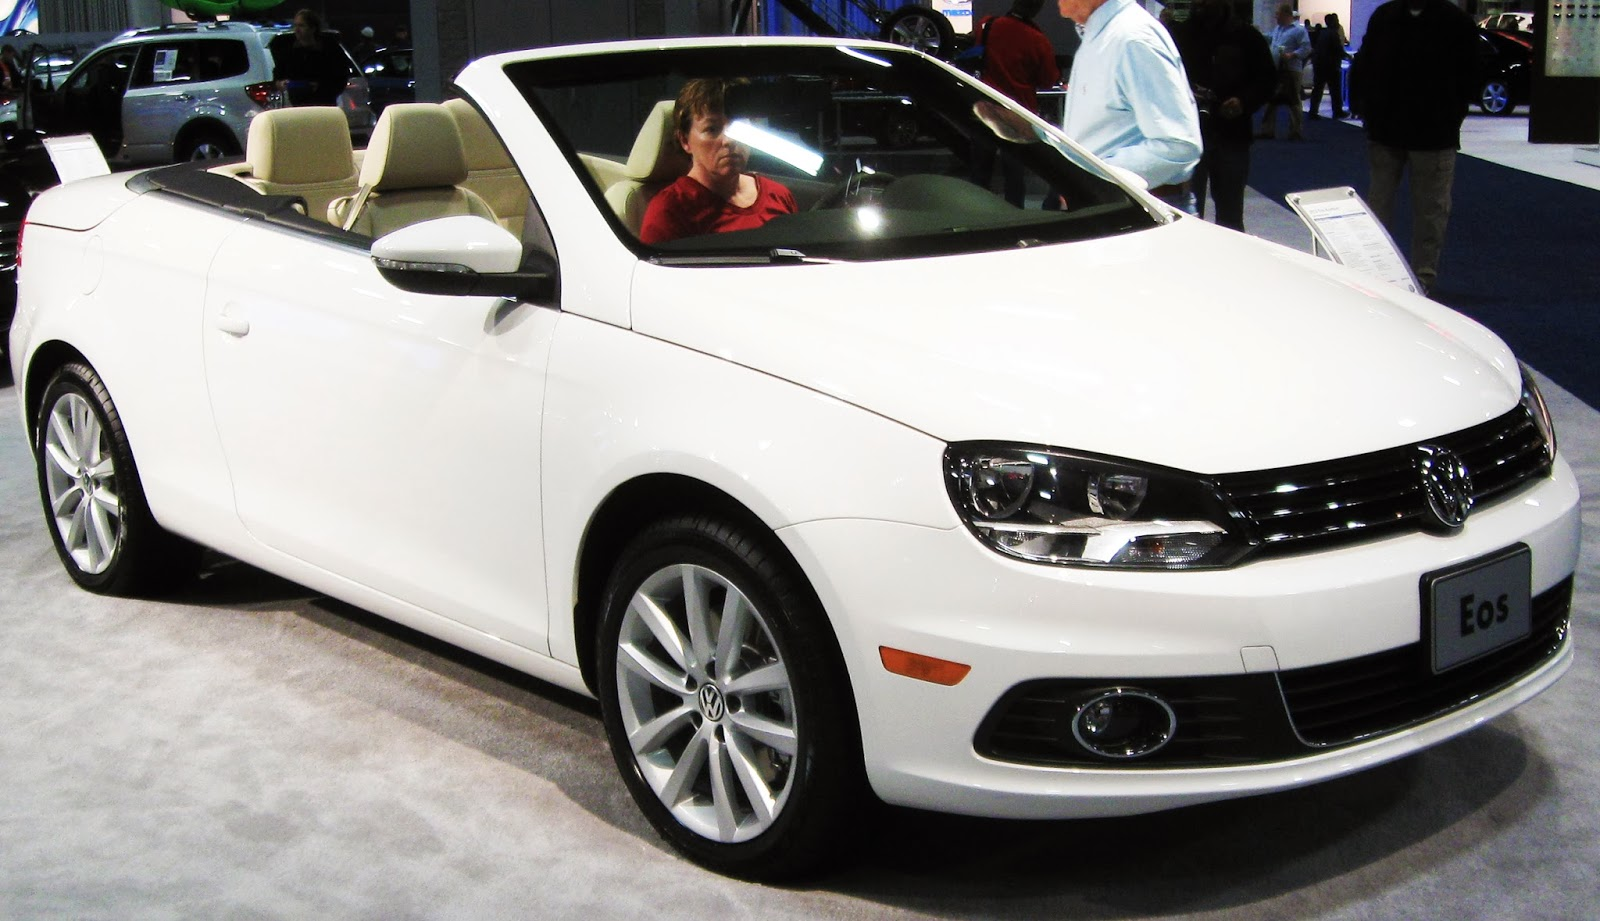 2012 Volkswagen Eos Komfort Convertible - Viewing Gallery